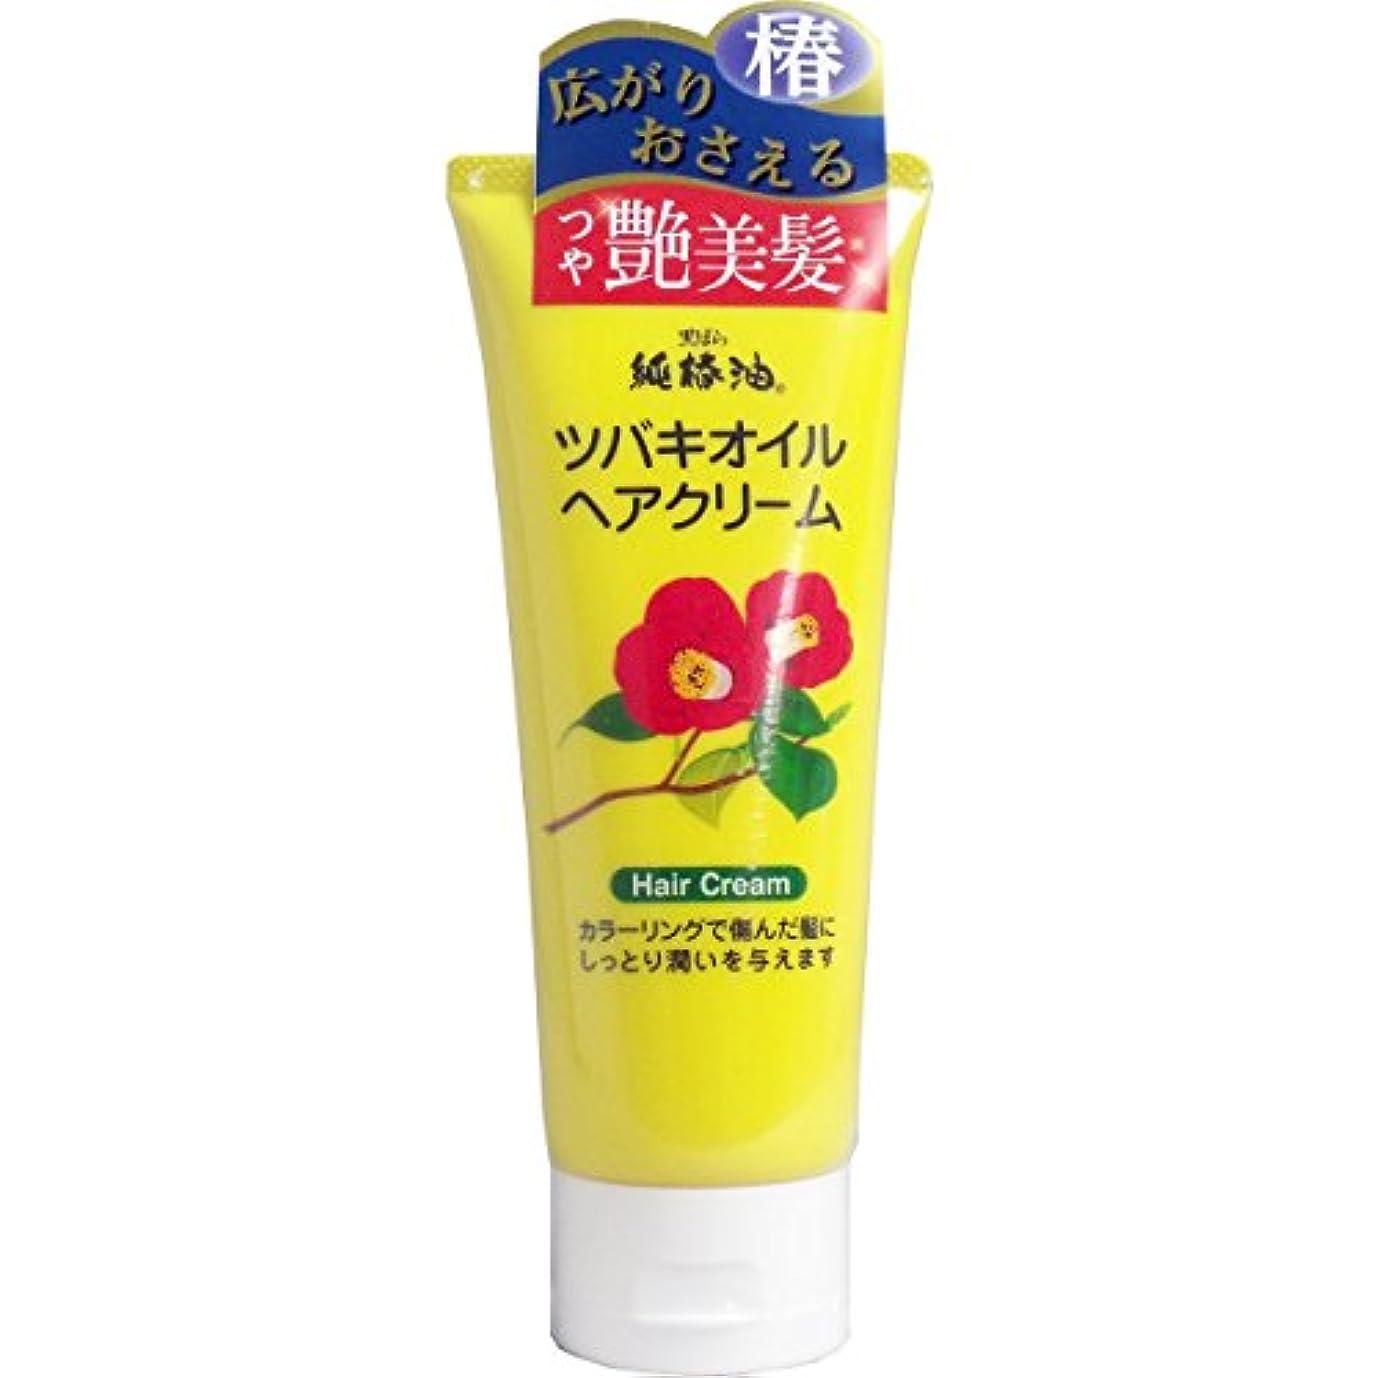 バンク嫌な日曜日ツバキオイルヘアクリーム 150g